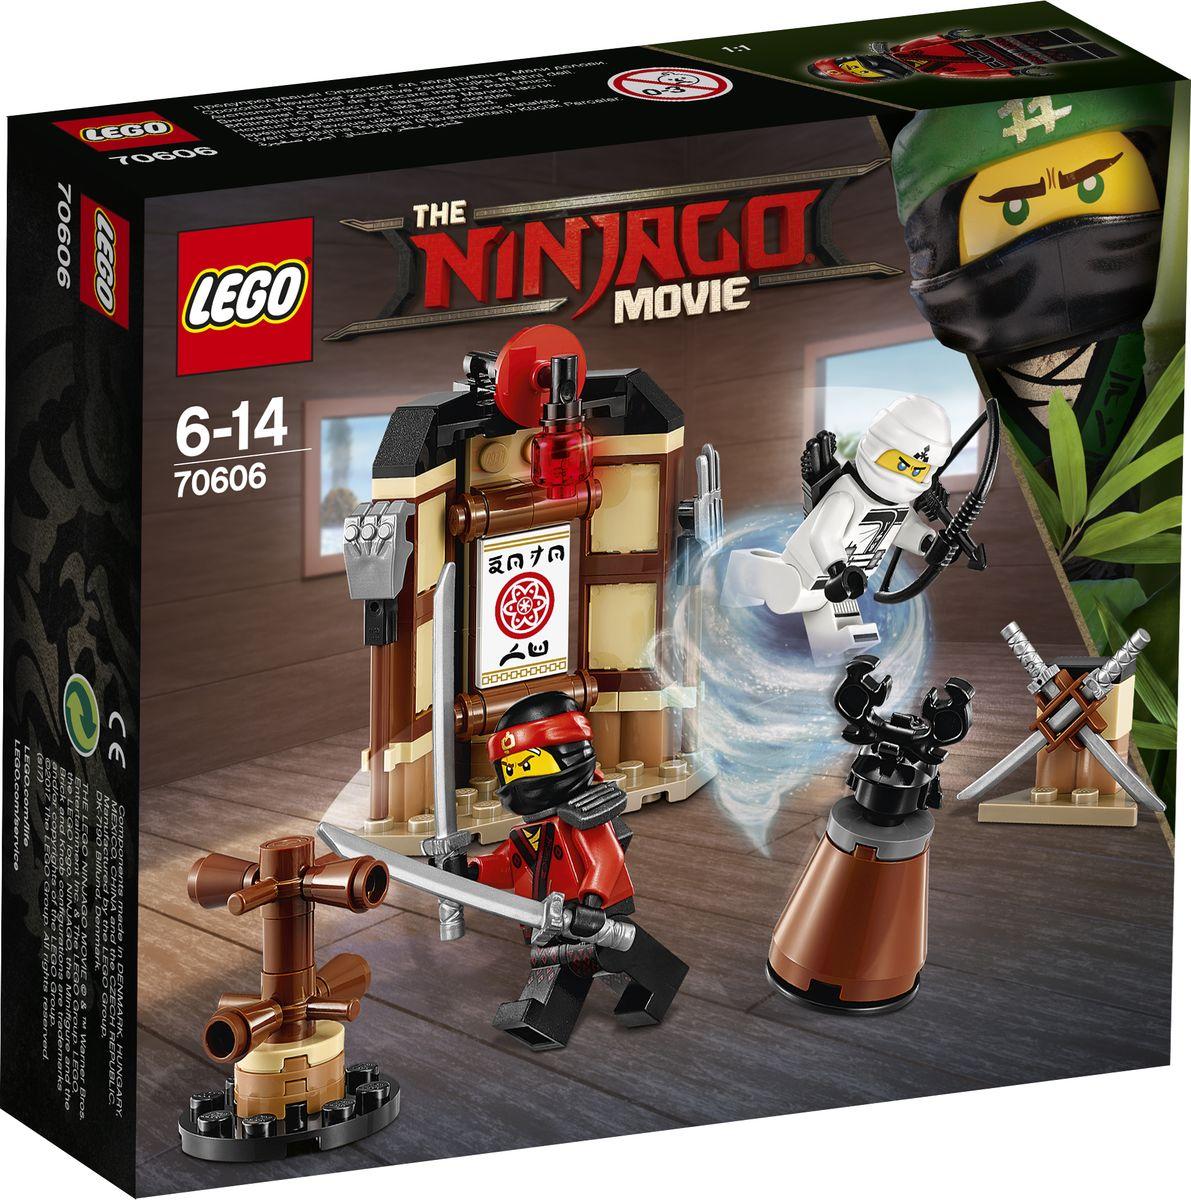 LEGO NINJAGO Конструктор Уроки Мастерства Кружитцу 70606 конструктор lego ninjago 70633 кай мастер кружитцу